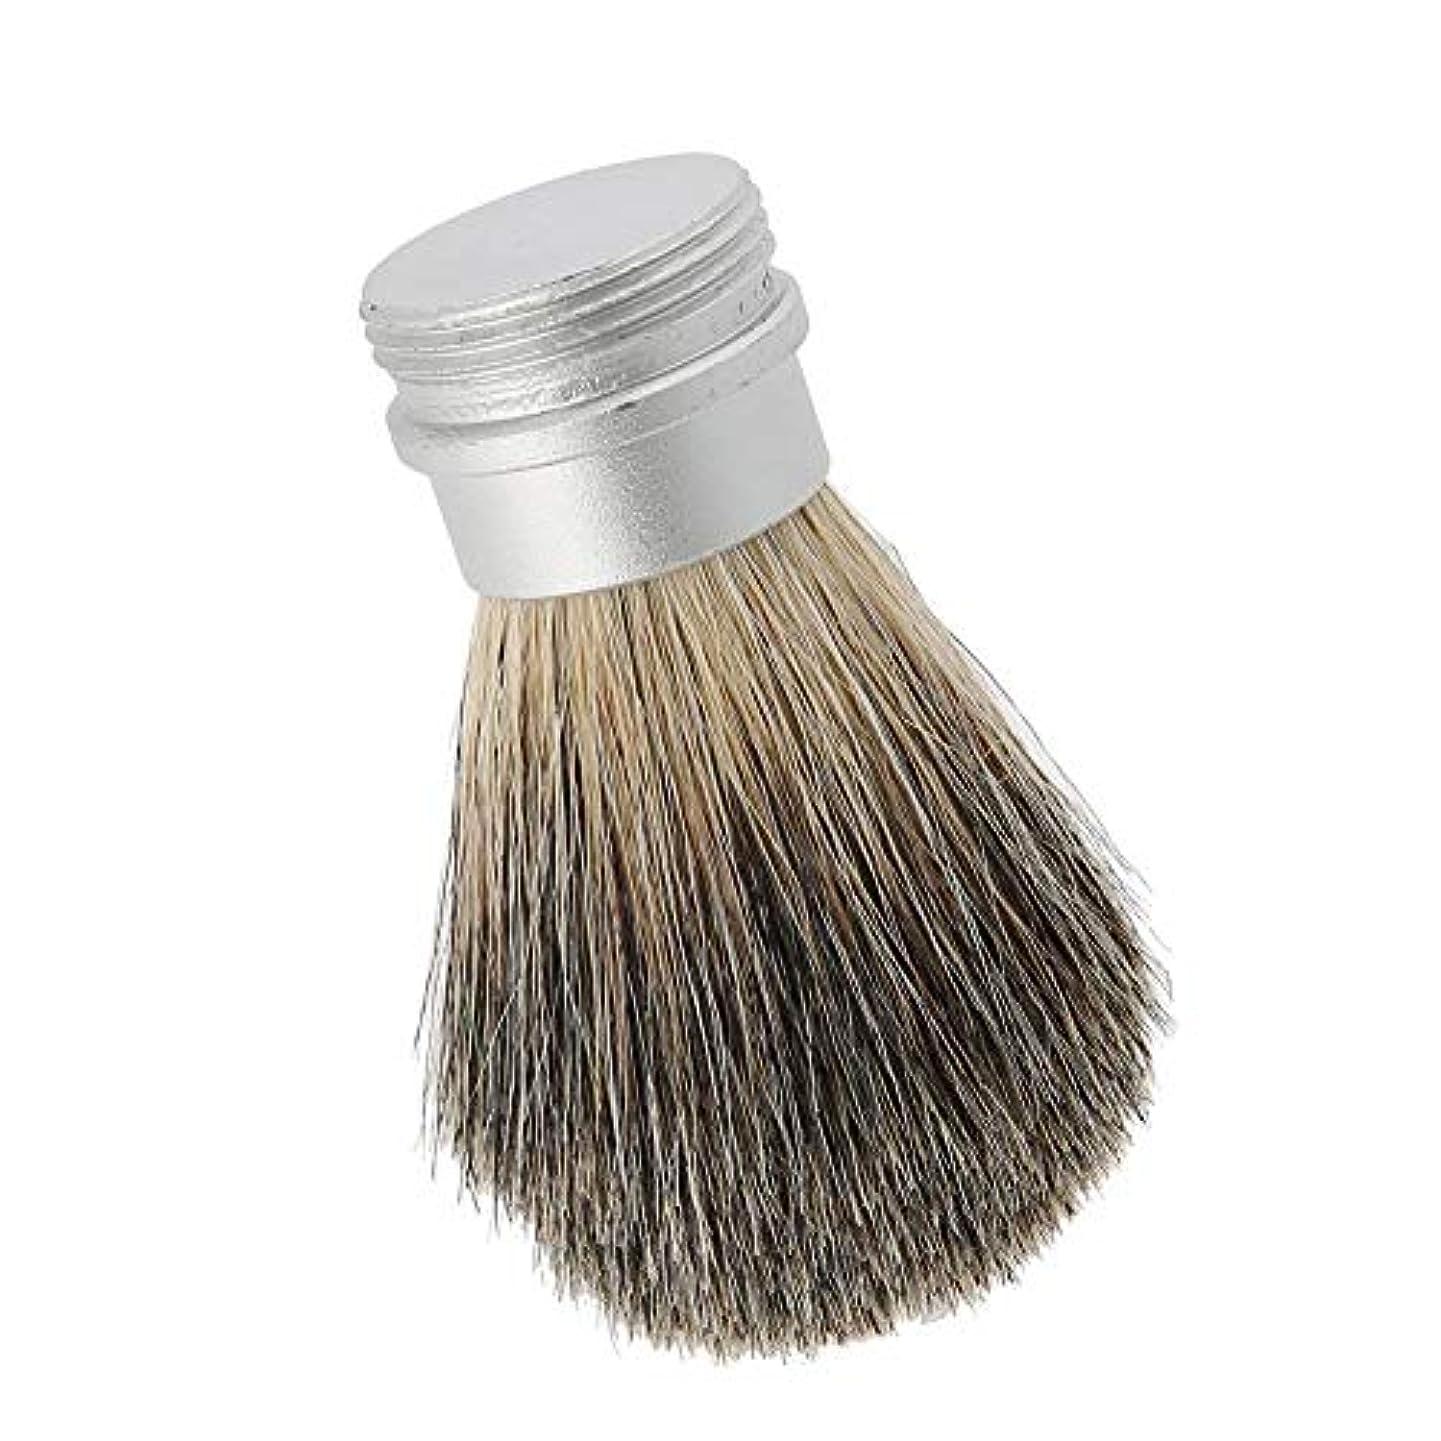 概念行政達成可能ひげブラシひげ剃りツールポータブルひげブラシ男性のための最高のヘアブラシ口ひげブラシ